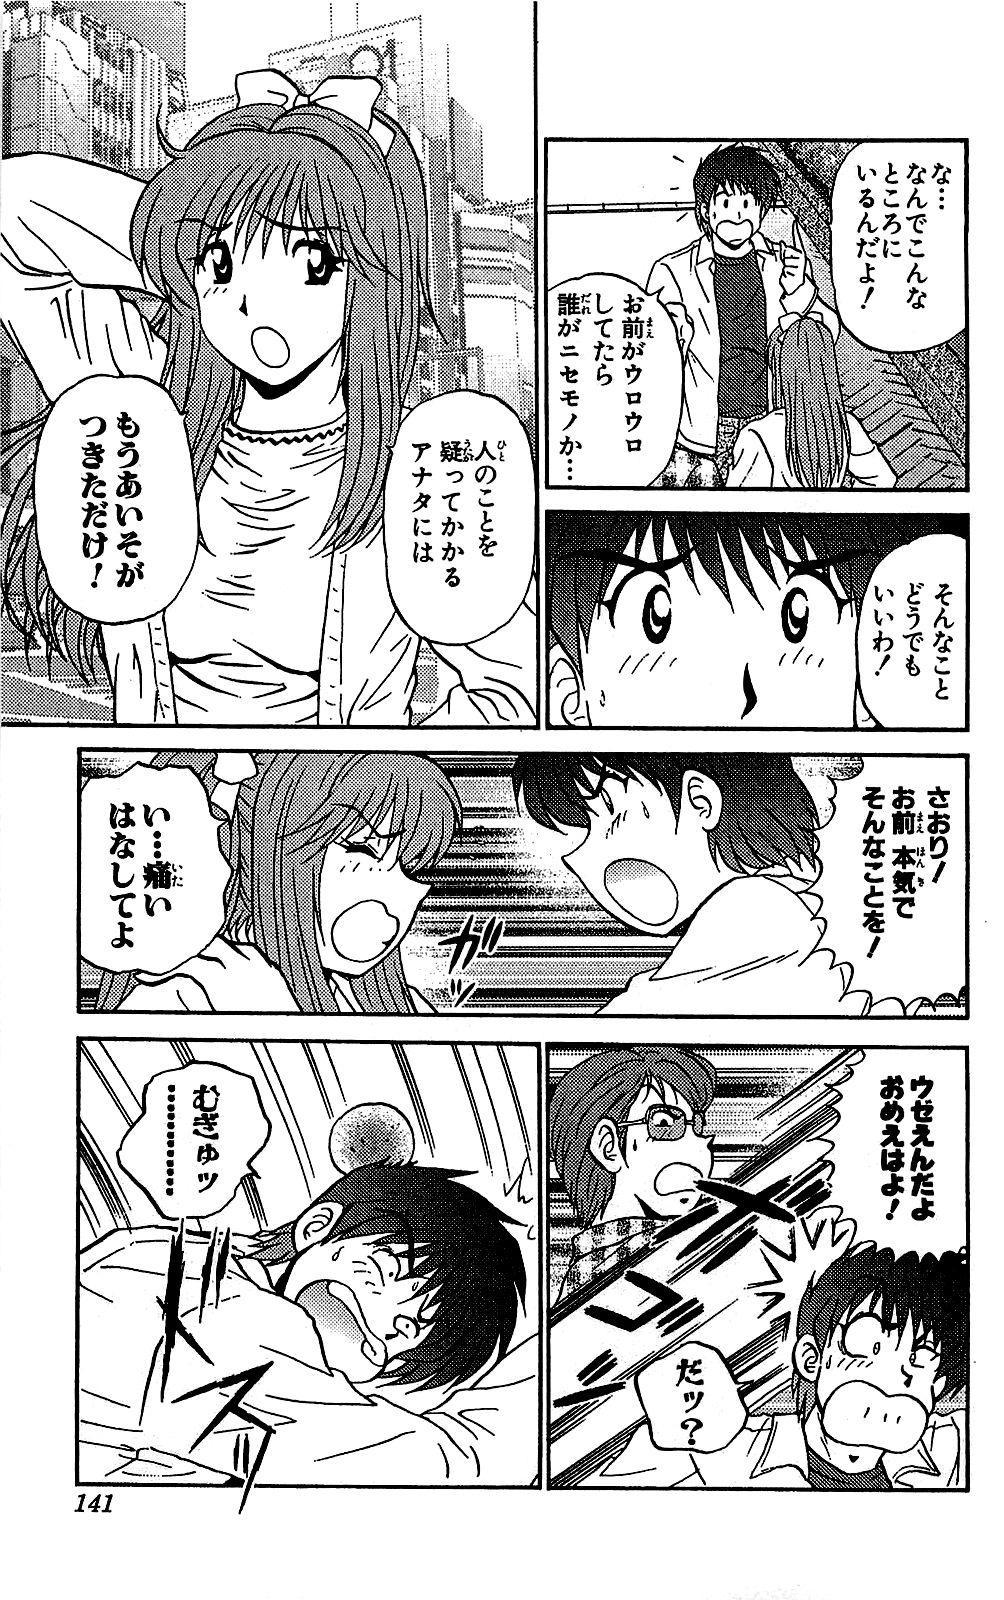 Miracle Make Yuuji 141